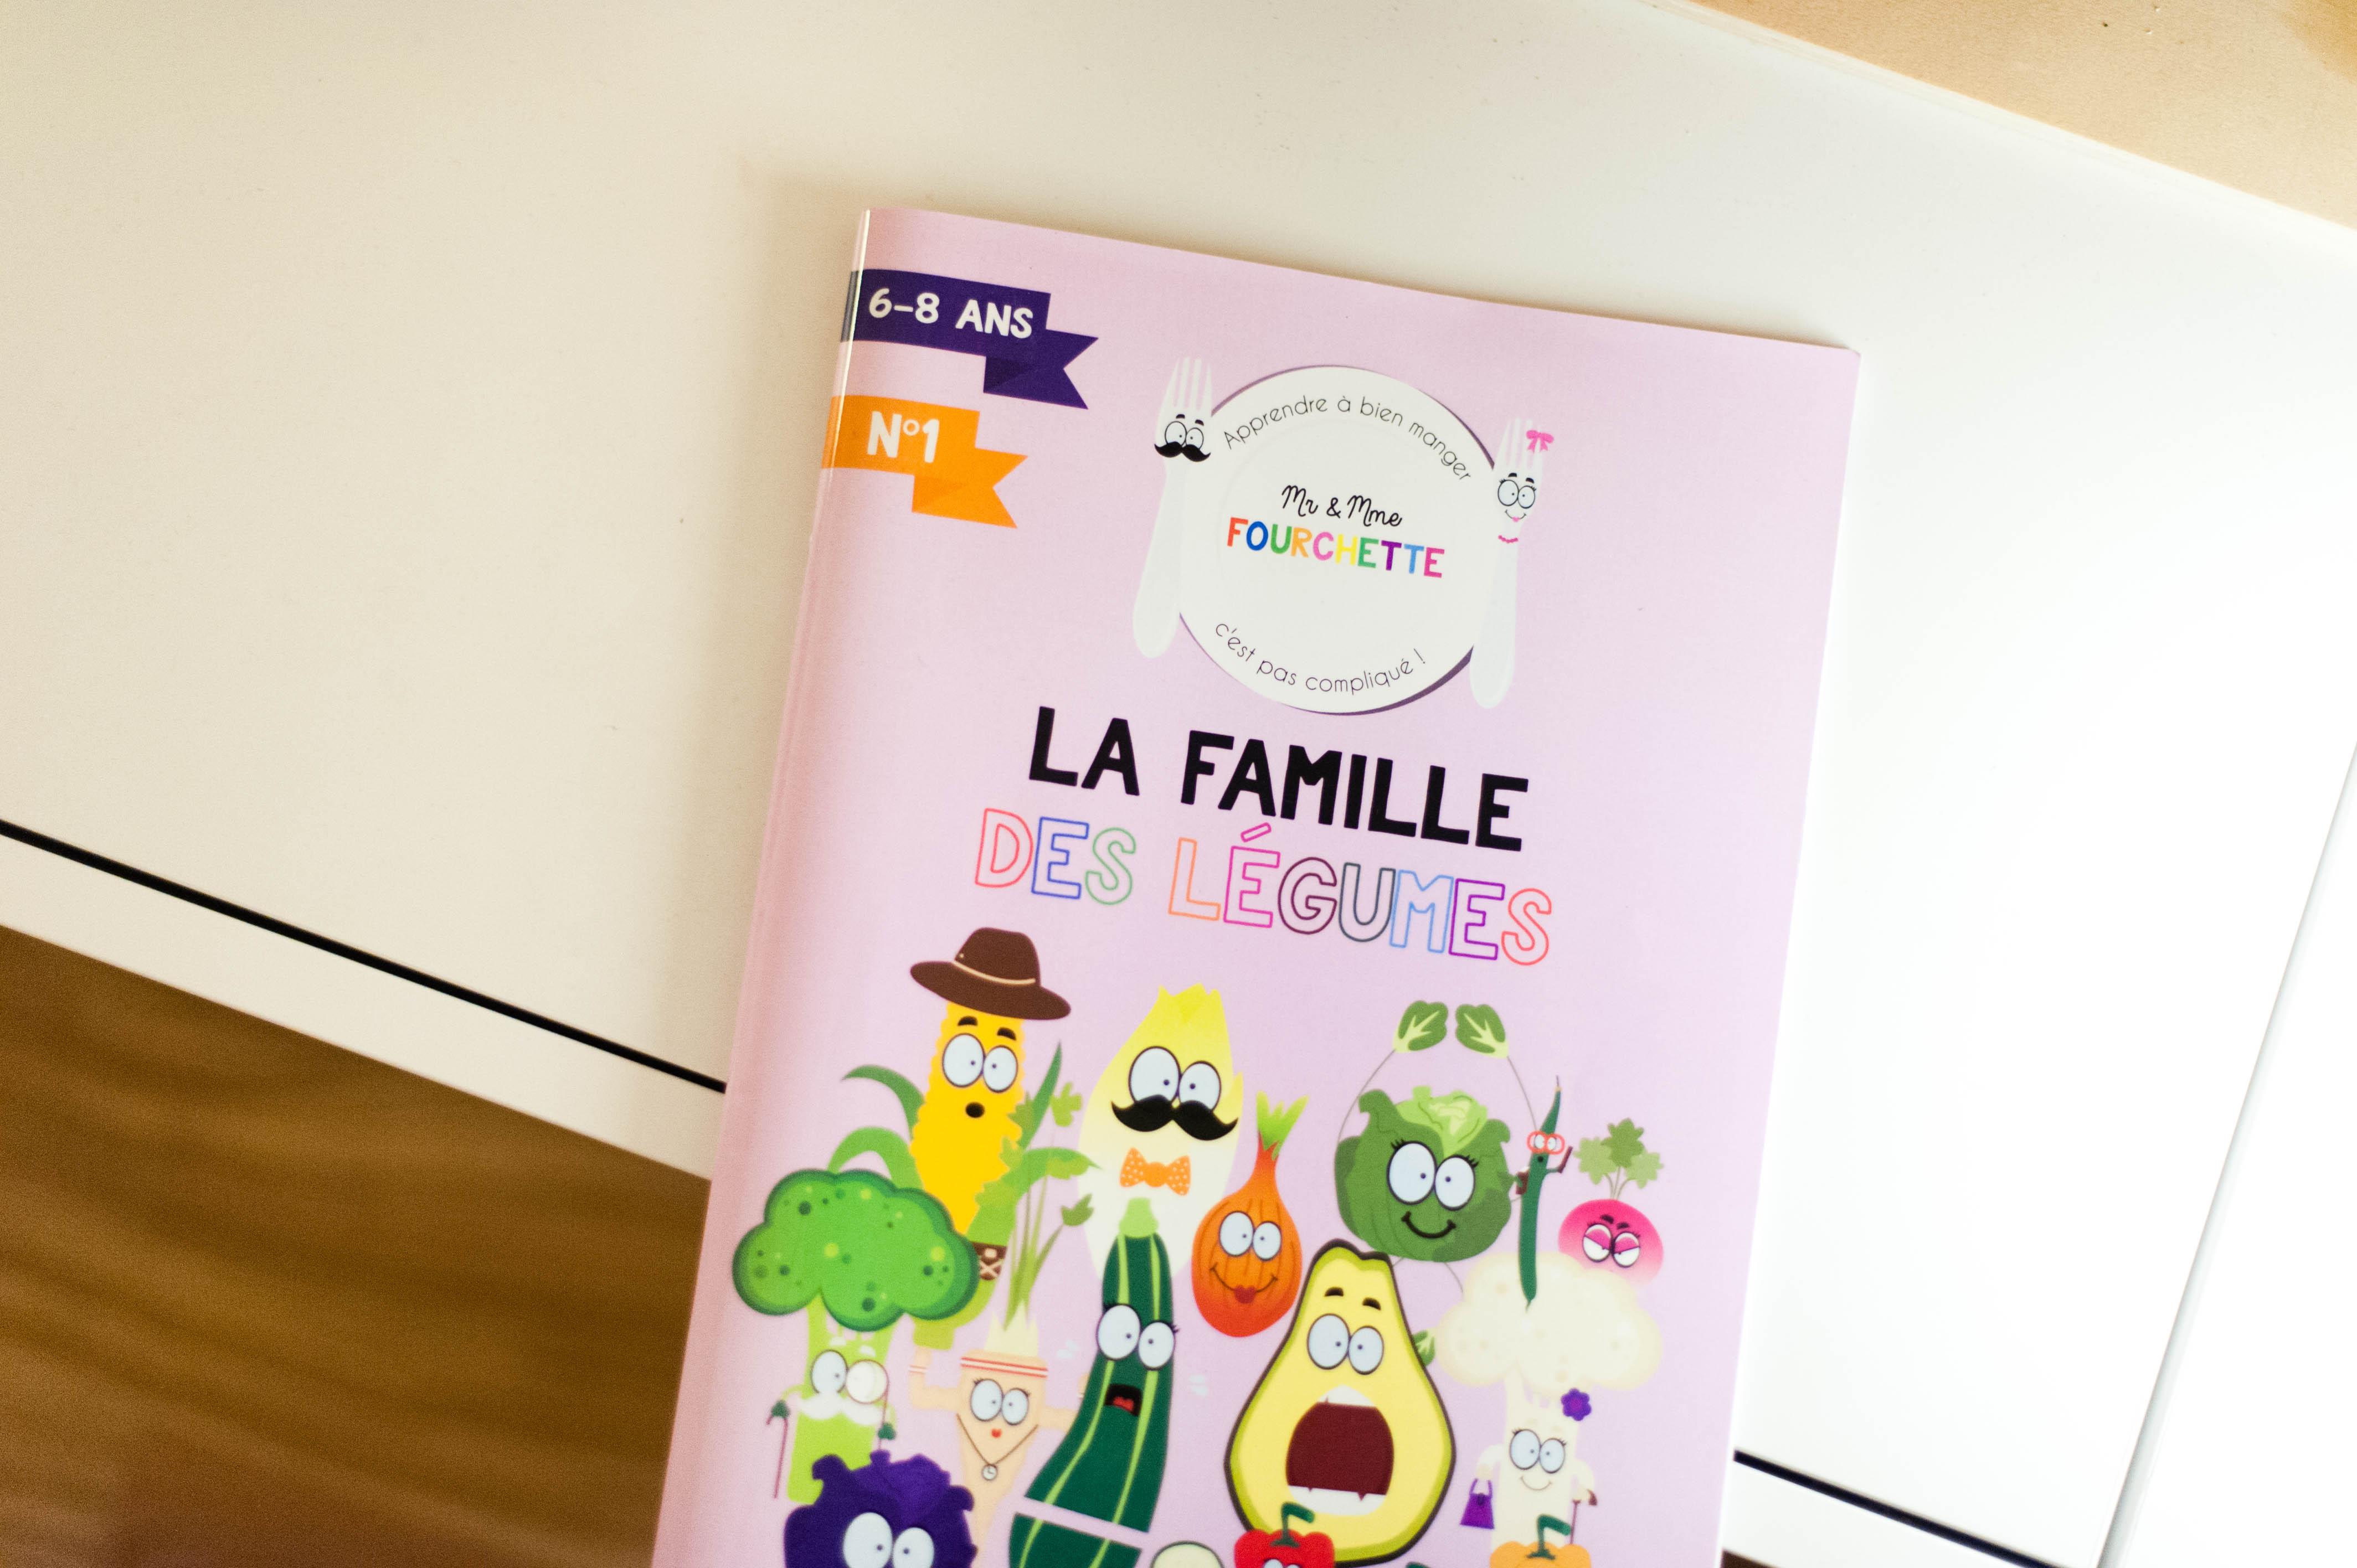 Mr et Mme Fourchette – La famille des légumes